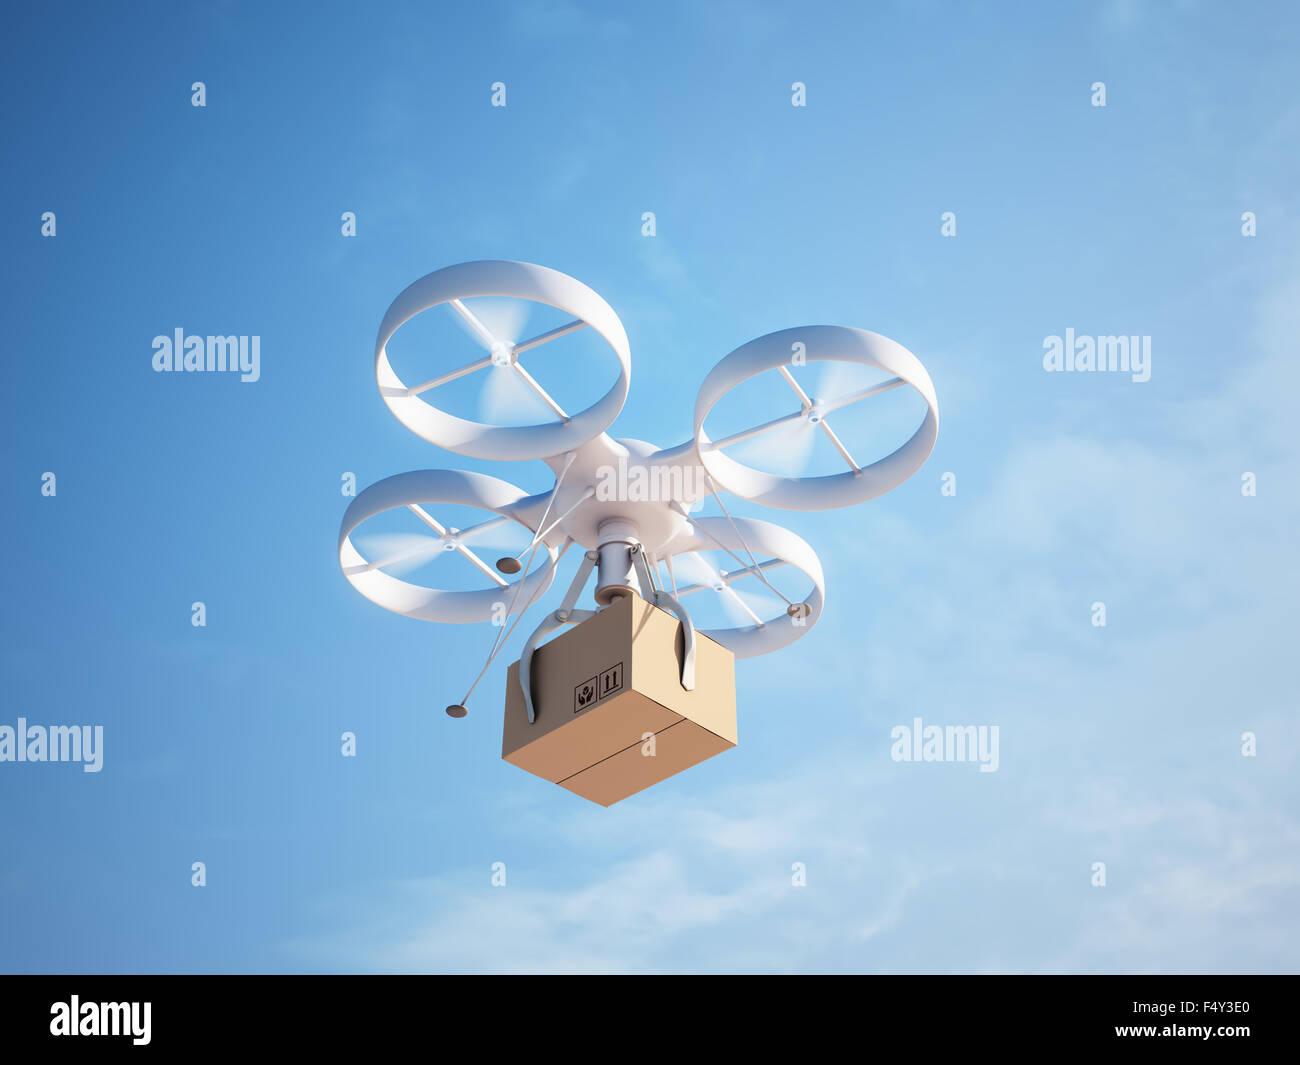 Drone delivering a package - autonomous logistics - Stock Image